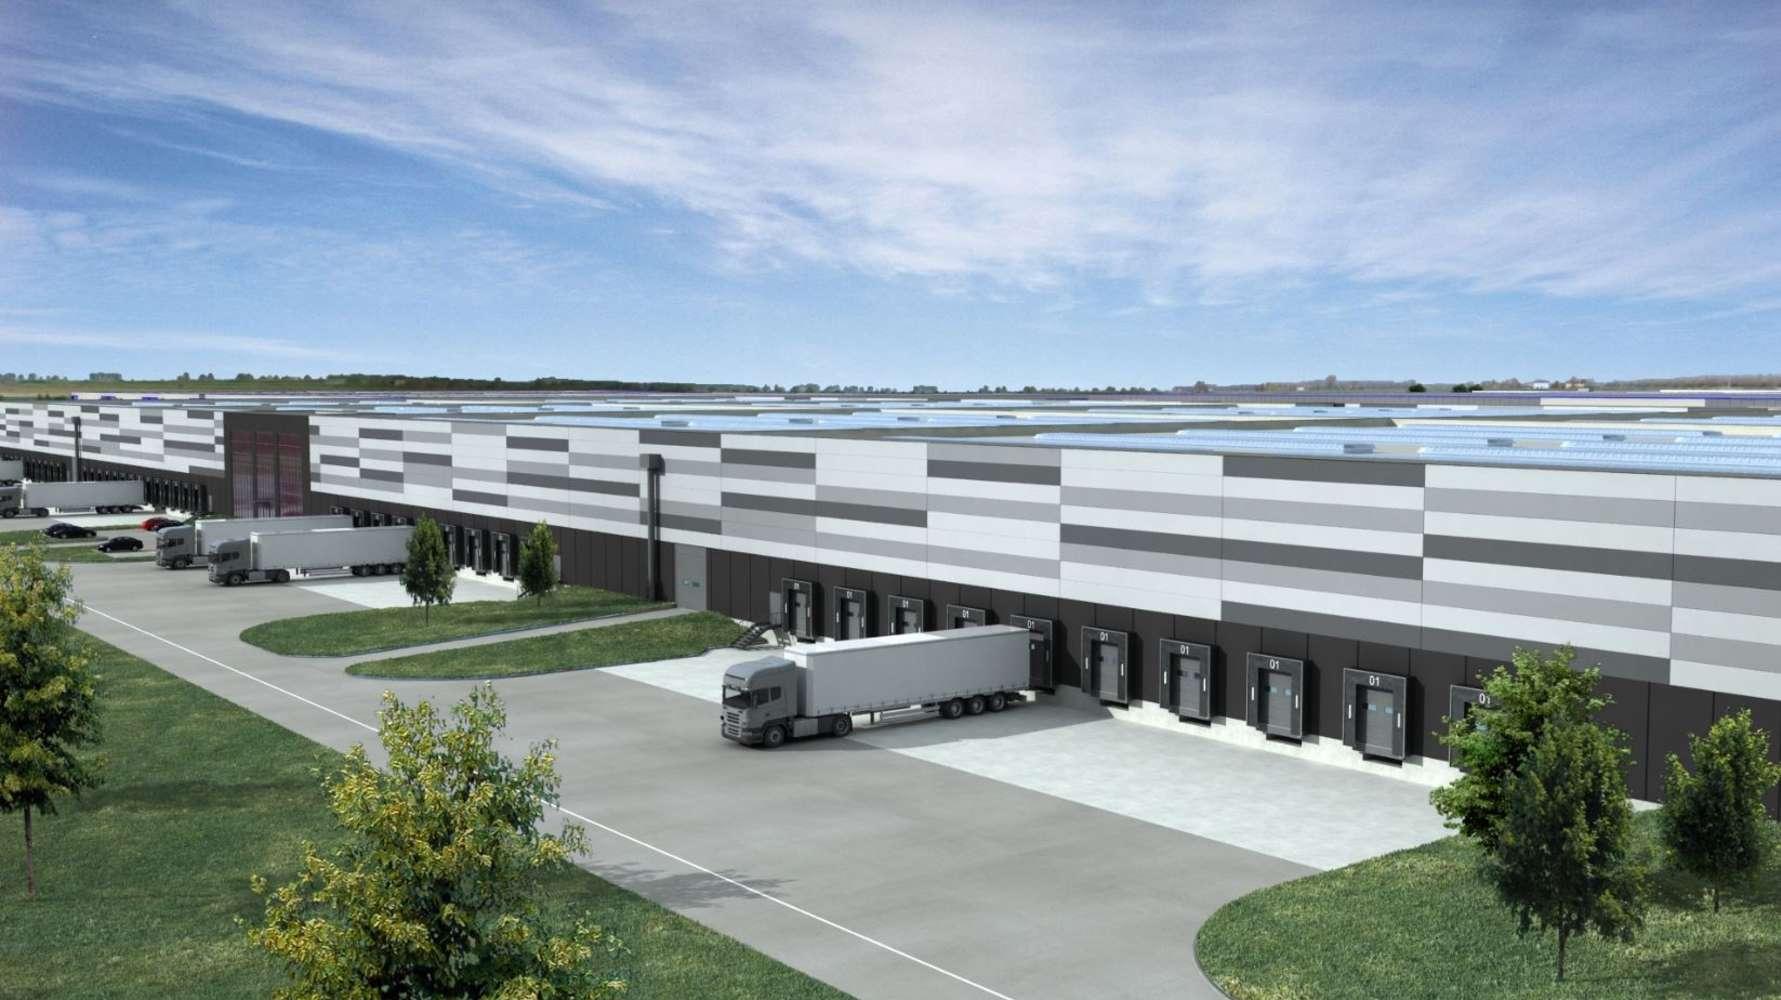 Magazzini industriali e logistici Fara in sabina, 02032 - Vailog Polo Logistico Roma Nord - 9213439